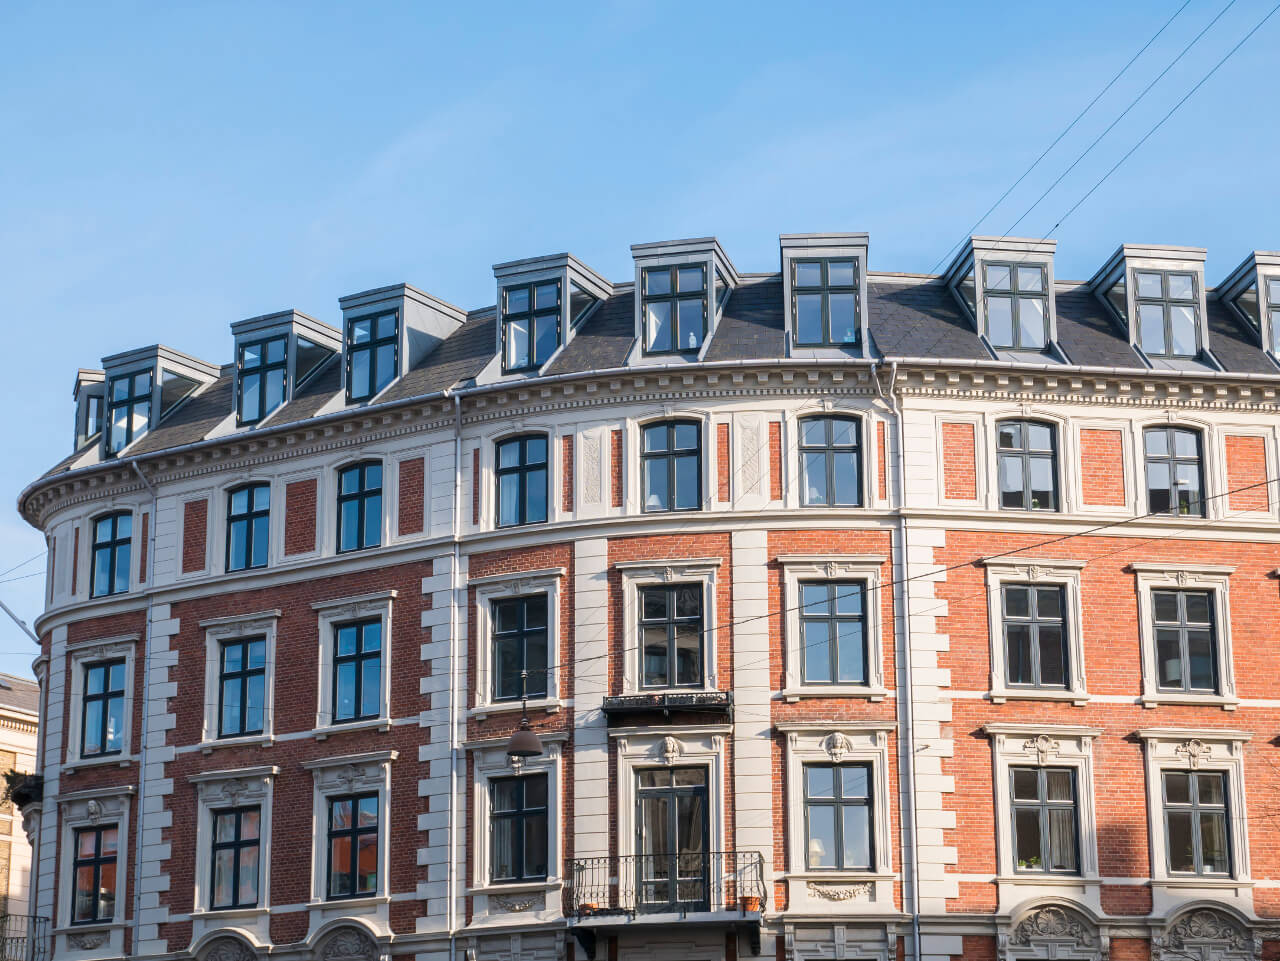 Budynek w Kopenhadze